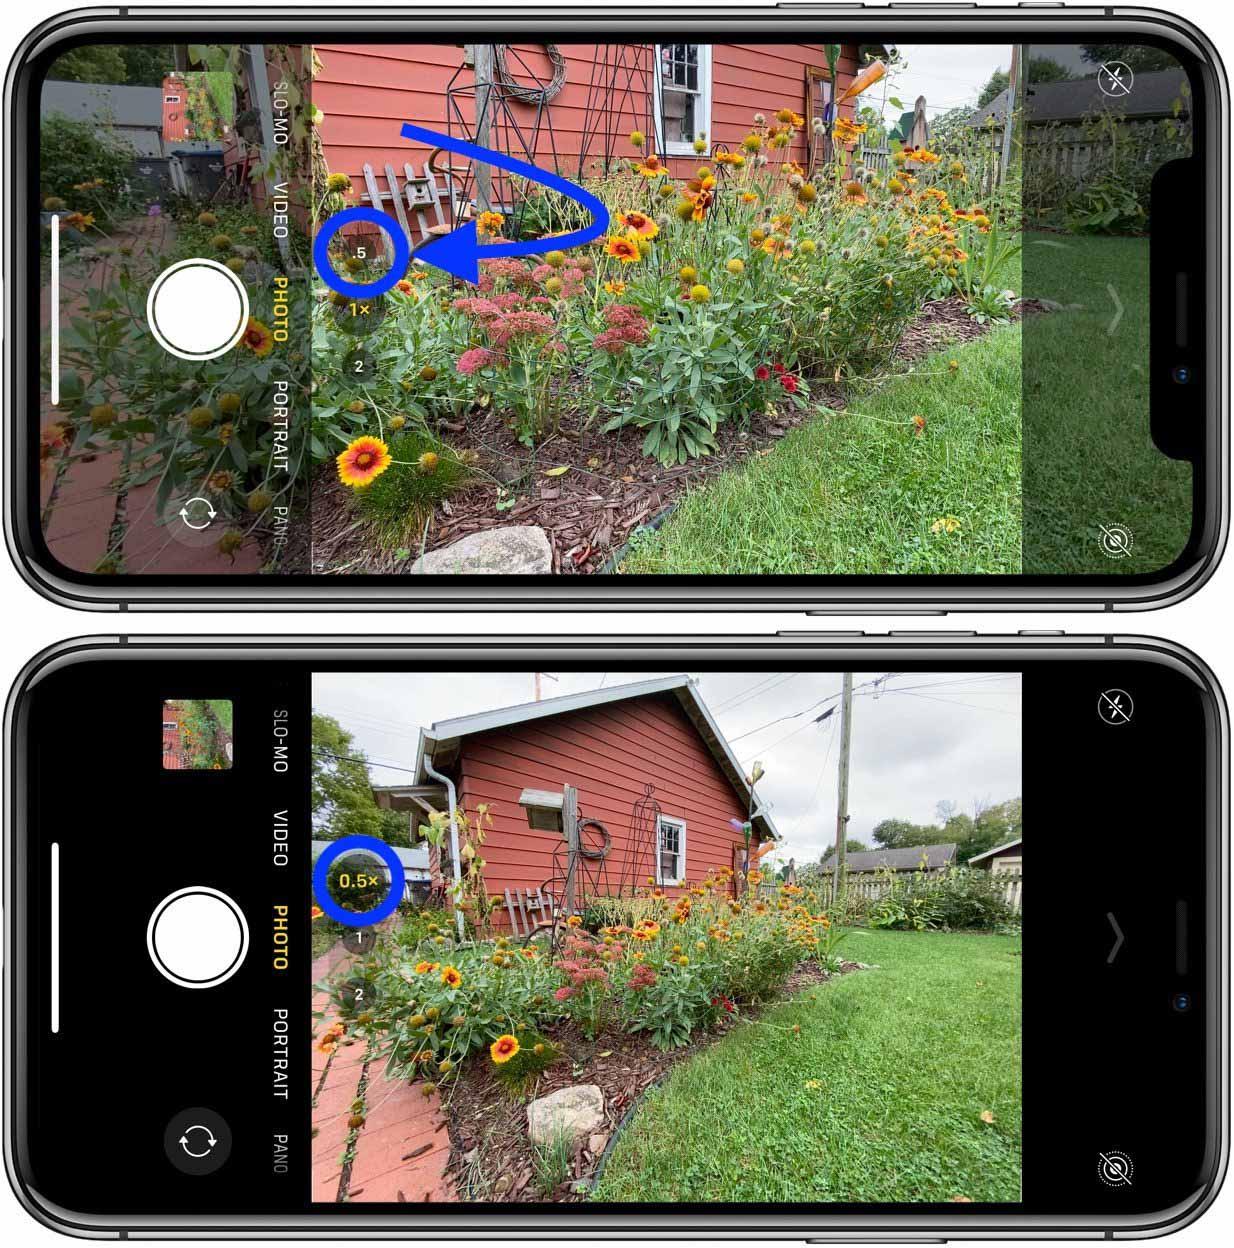 Как использовать сверхширокоугольную камеру на iPhone 11 и iPhone 11 Pro: пошаговое руководство 1